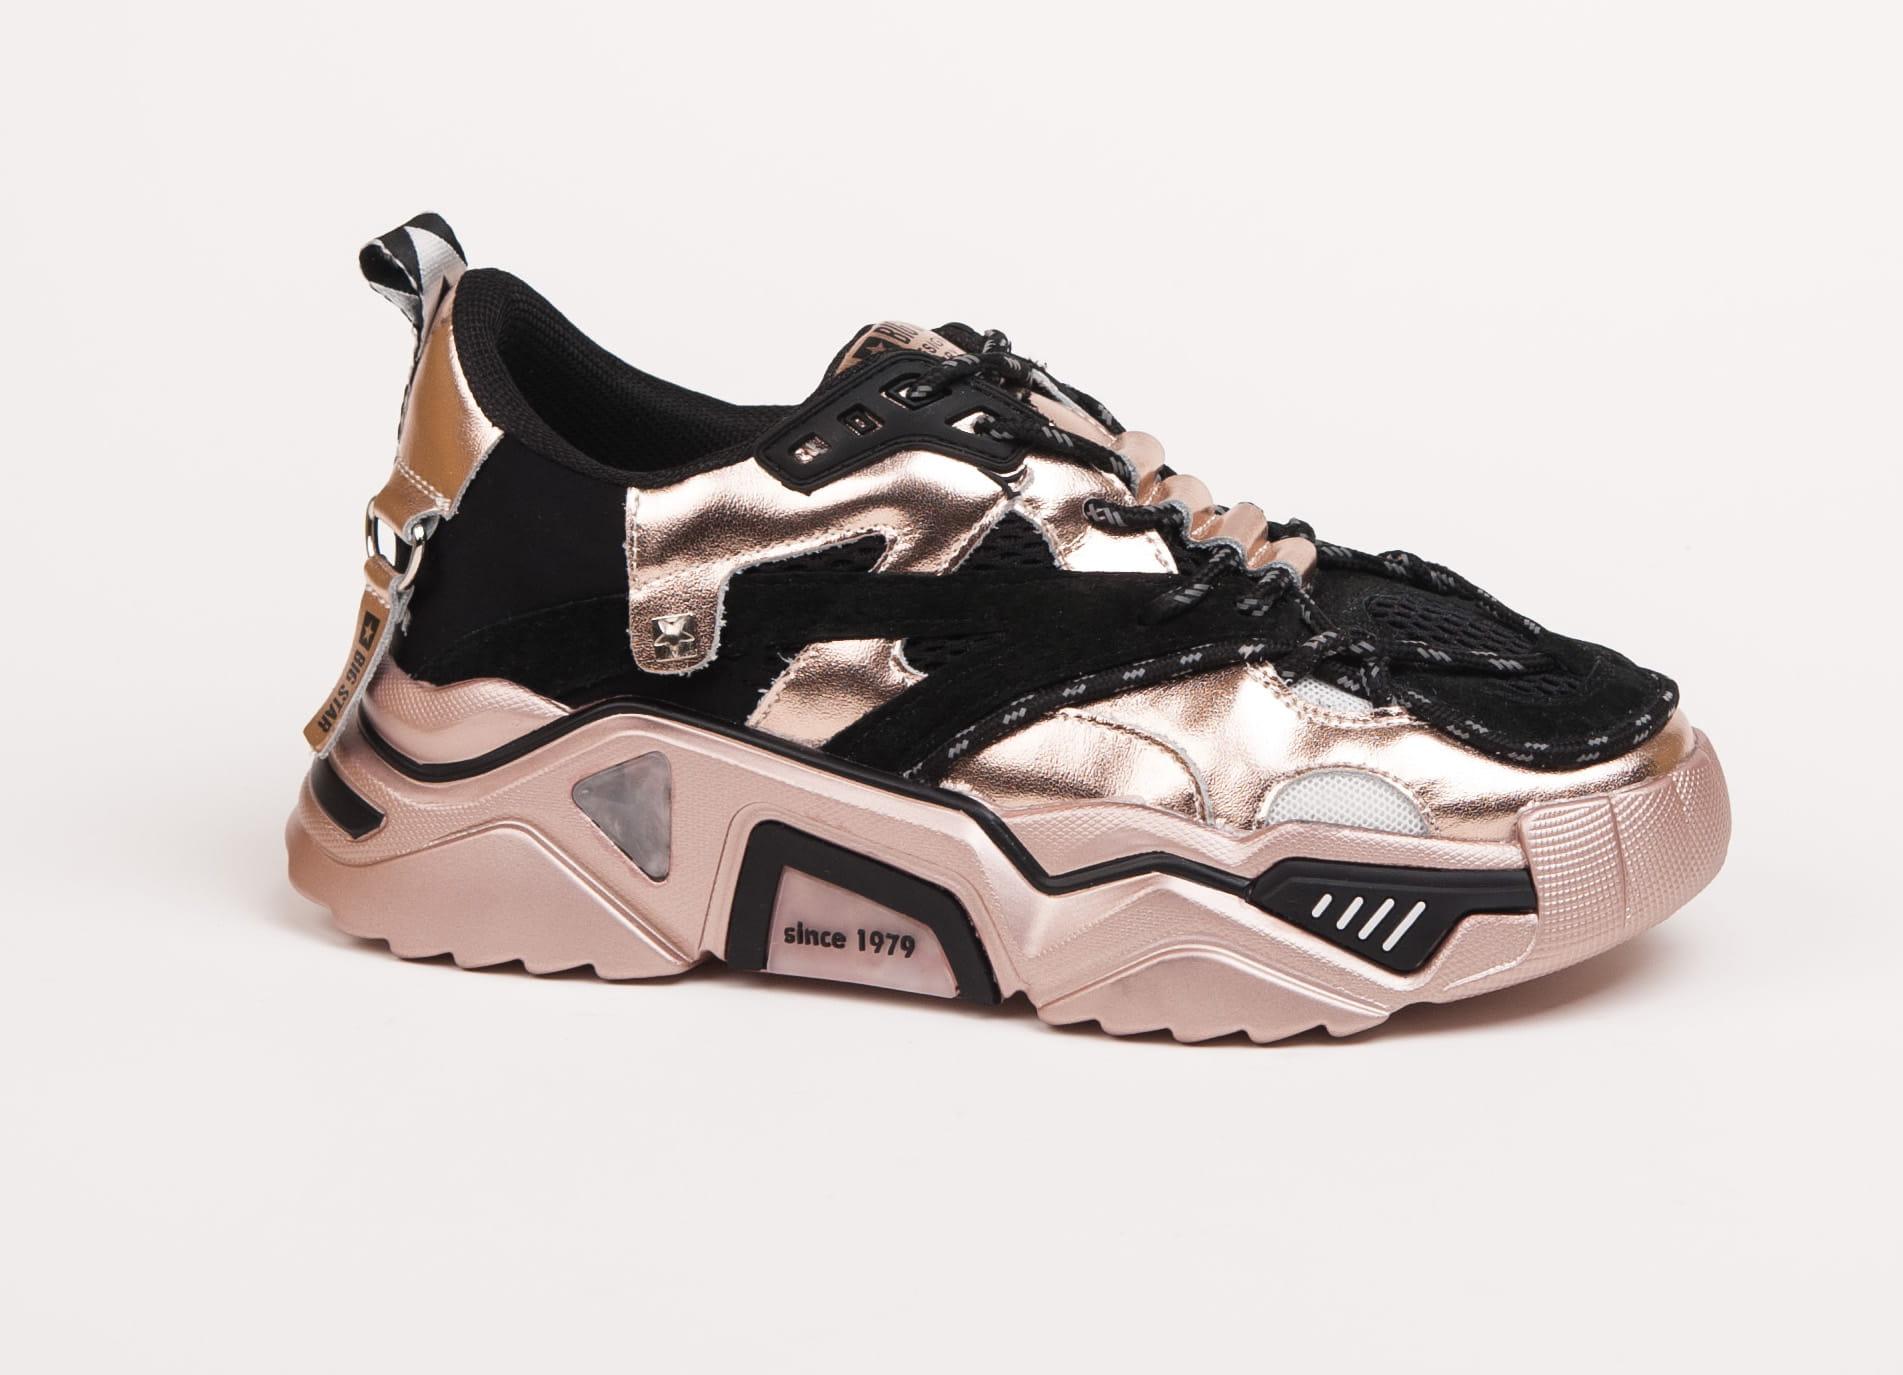 by Daniel Lopez najnowsza kolekcja butów BIG STAR SHOES